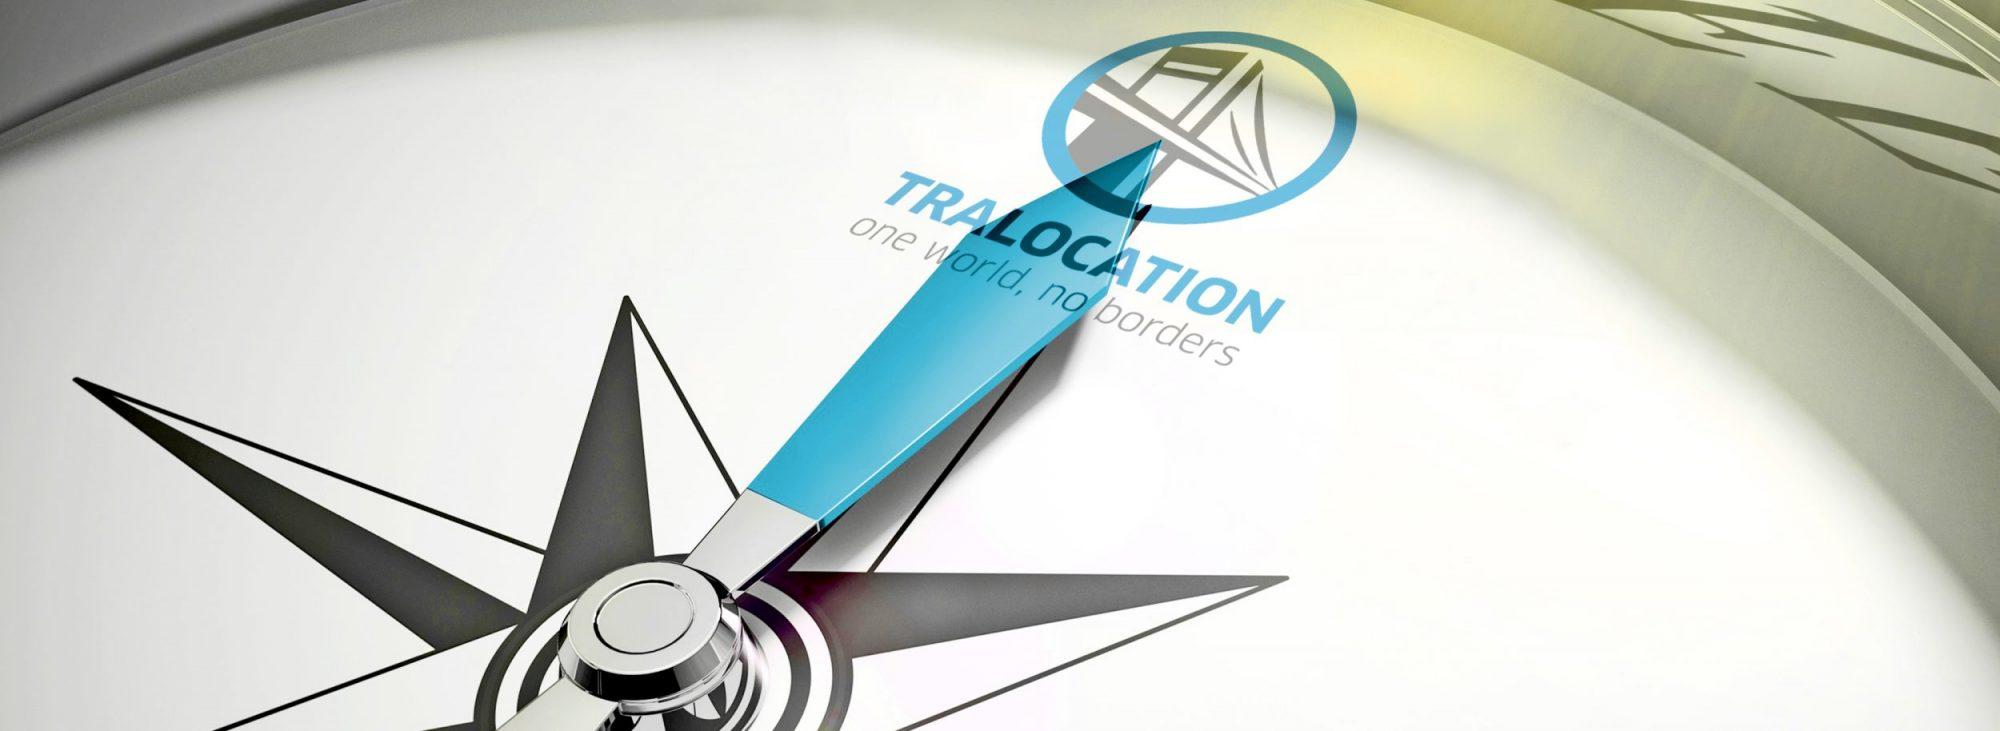 Tralocation GmbH - Header 02